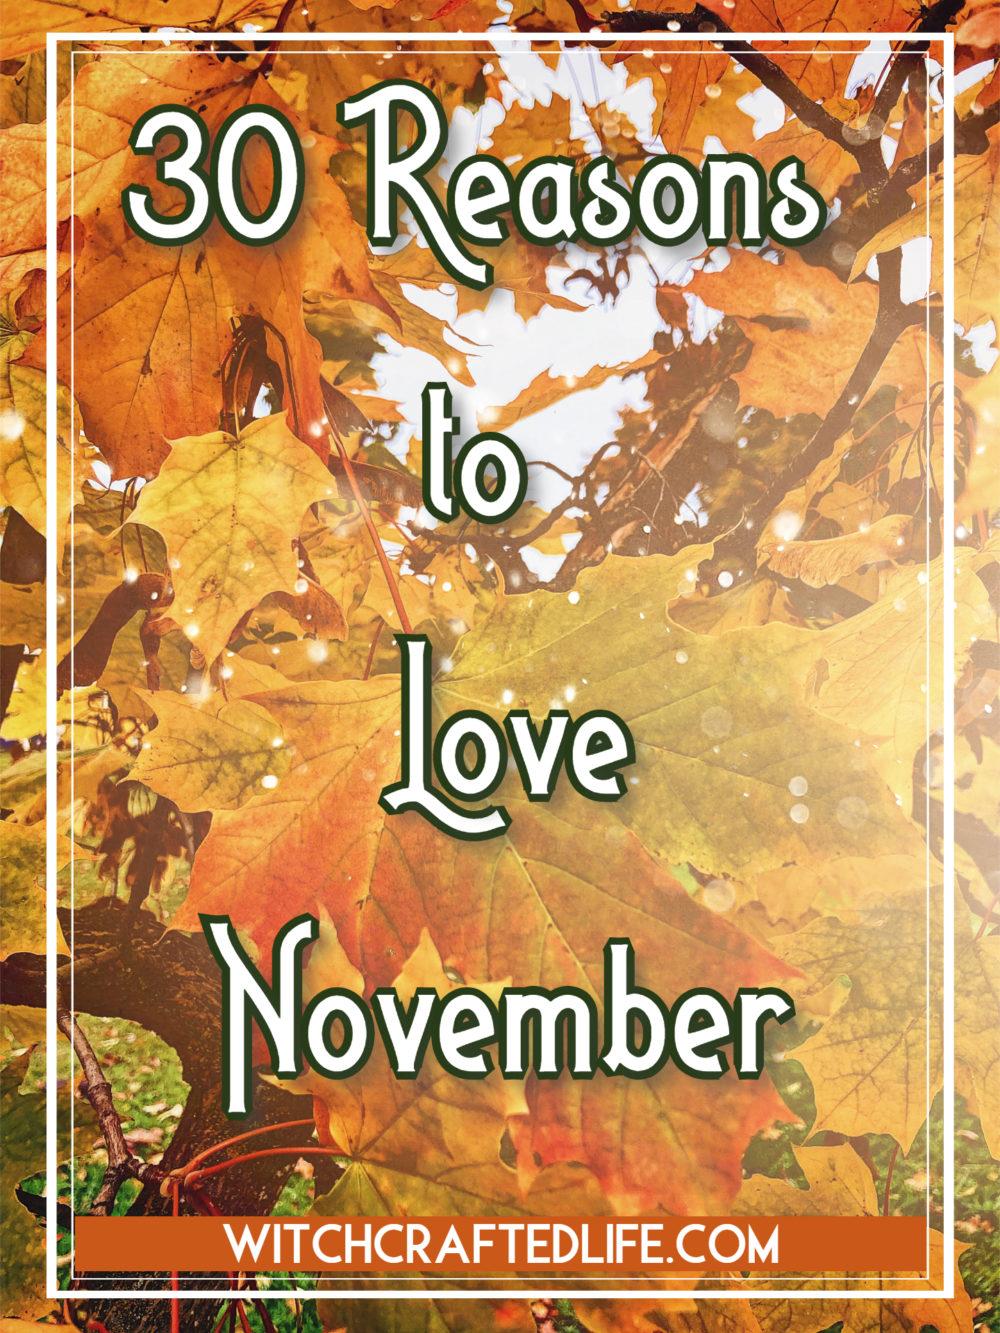 30 Reasons to Love November